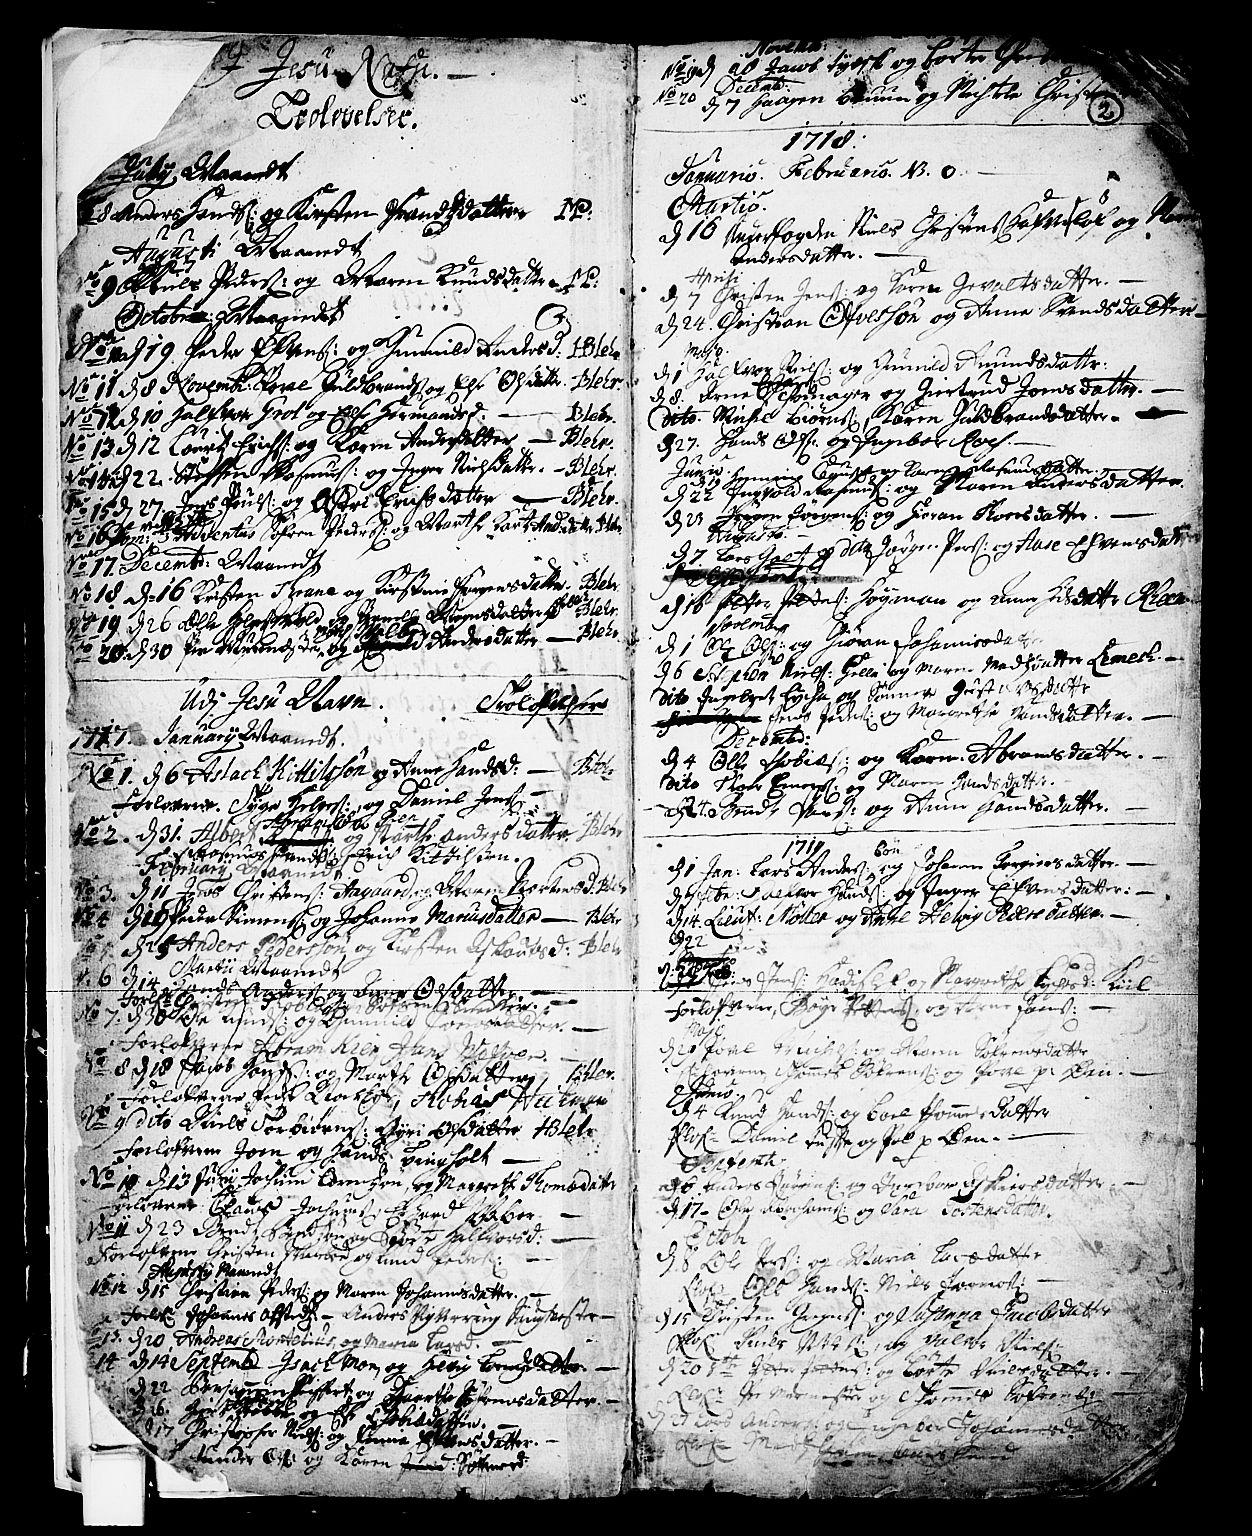 SAKO, Skien kirkebøker, F/Fa/L0002: Ministerialbok nr. 2, 1716-1757, s. 2